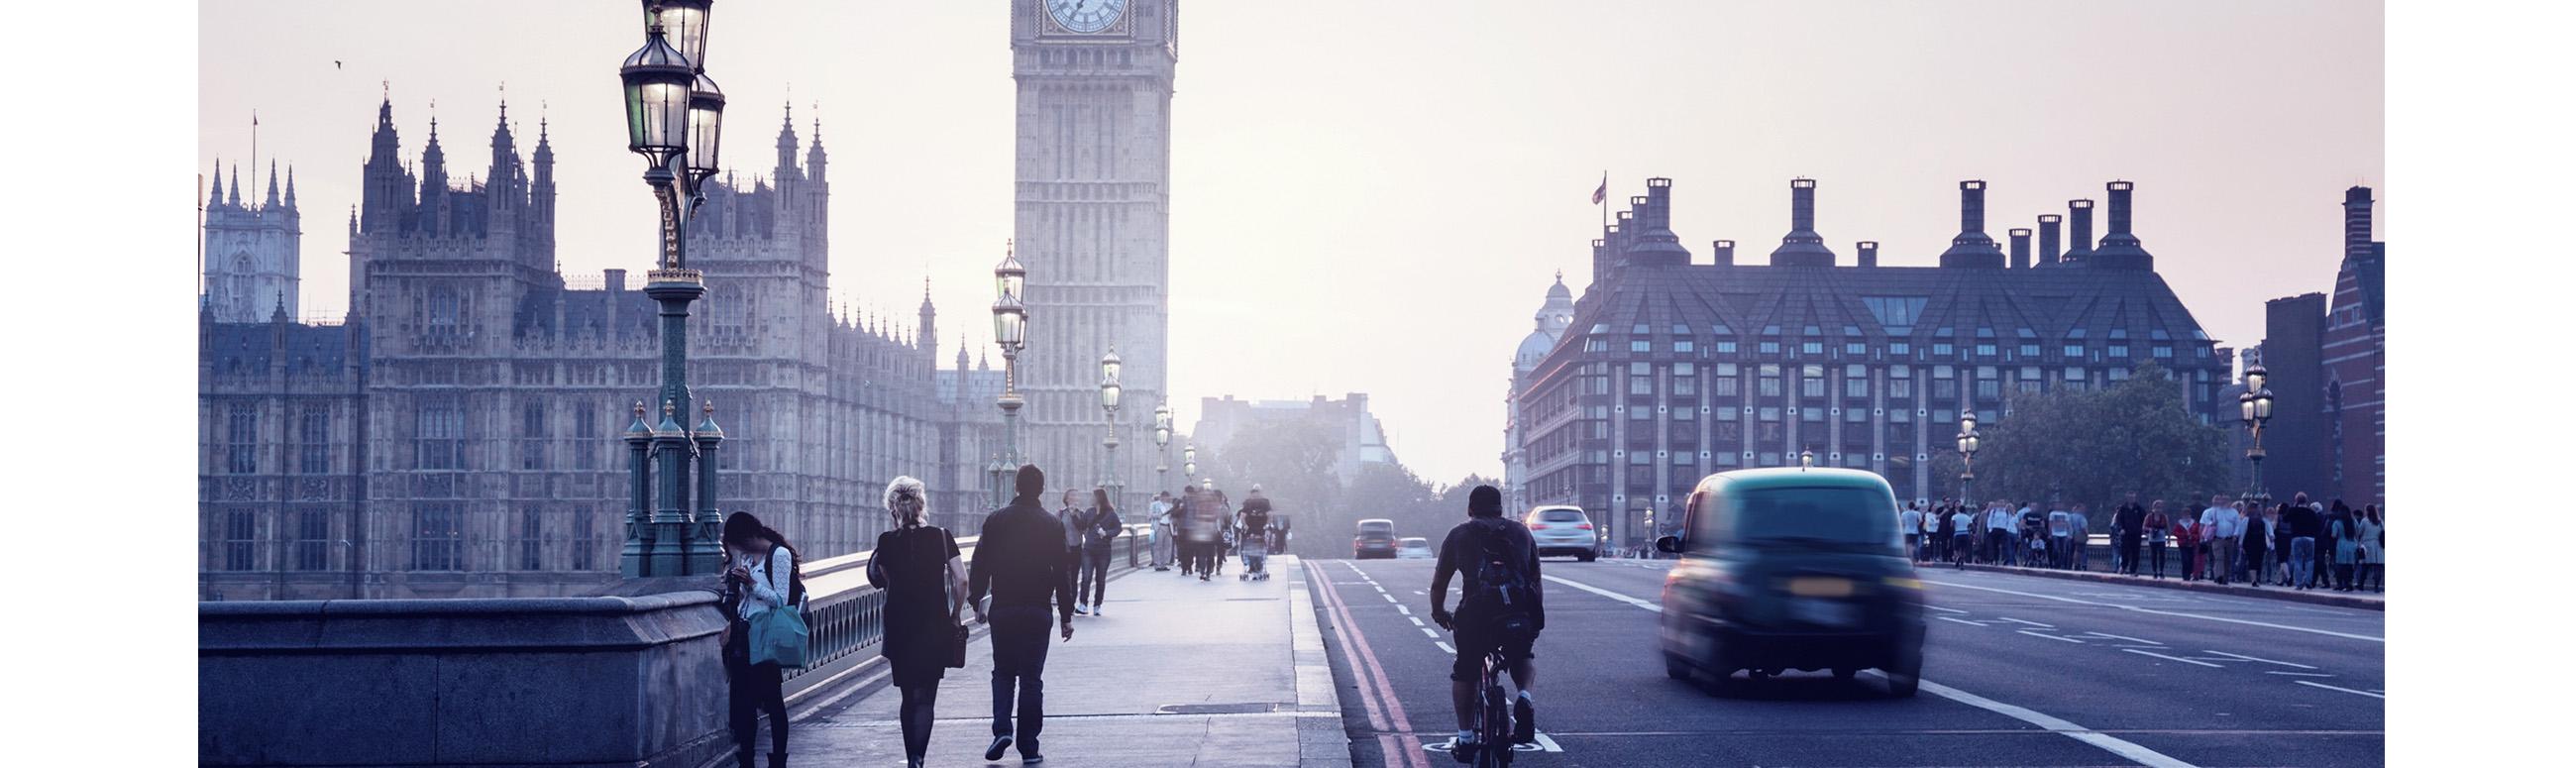 slider-london